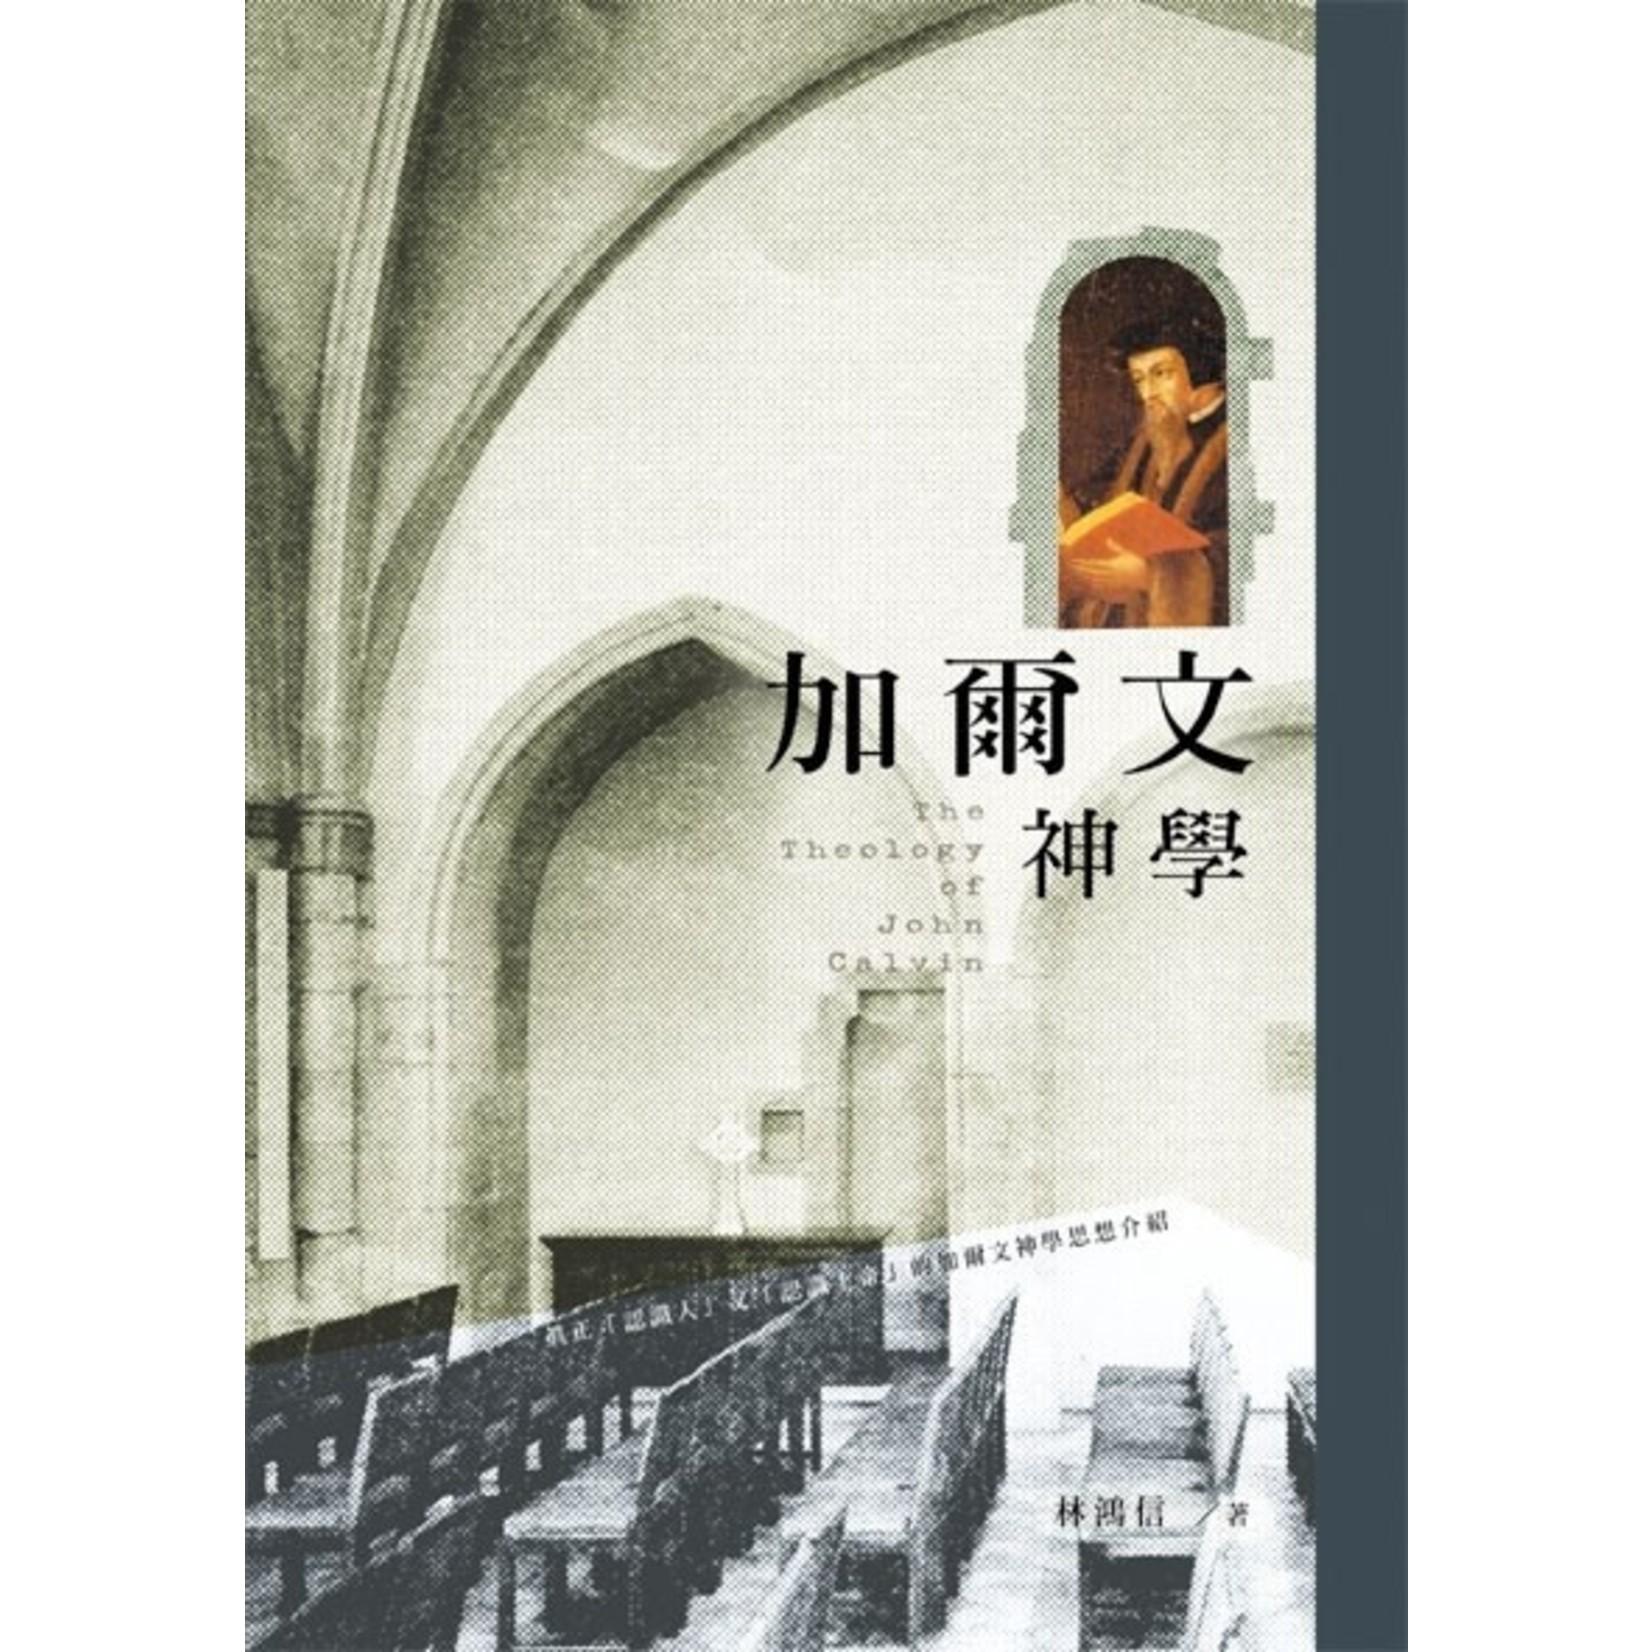 校園書房 Campus Books 加爾文神學 The Theology of John Calvin